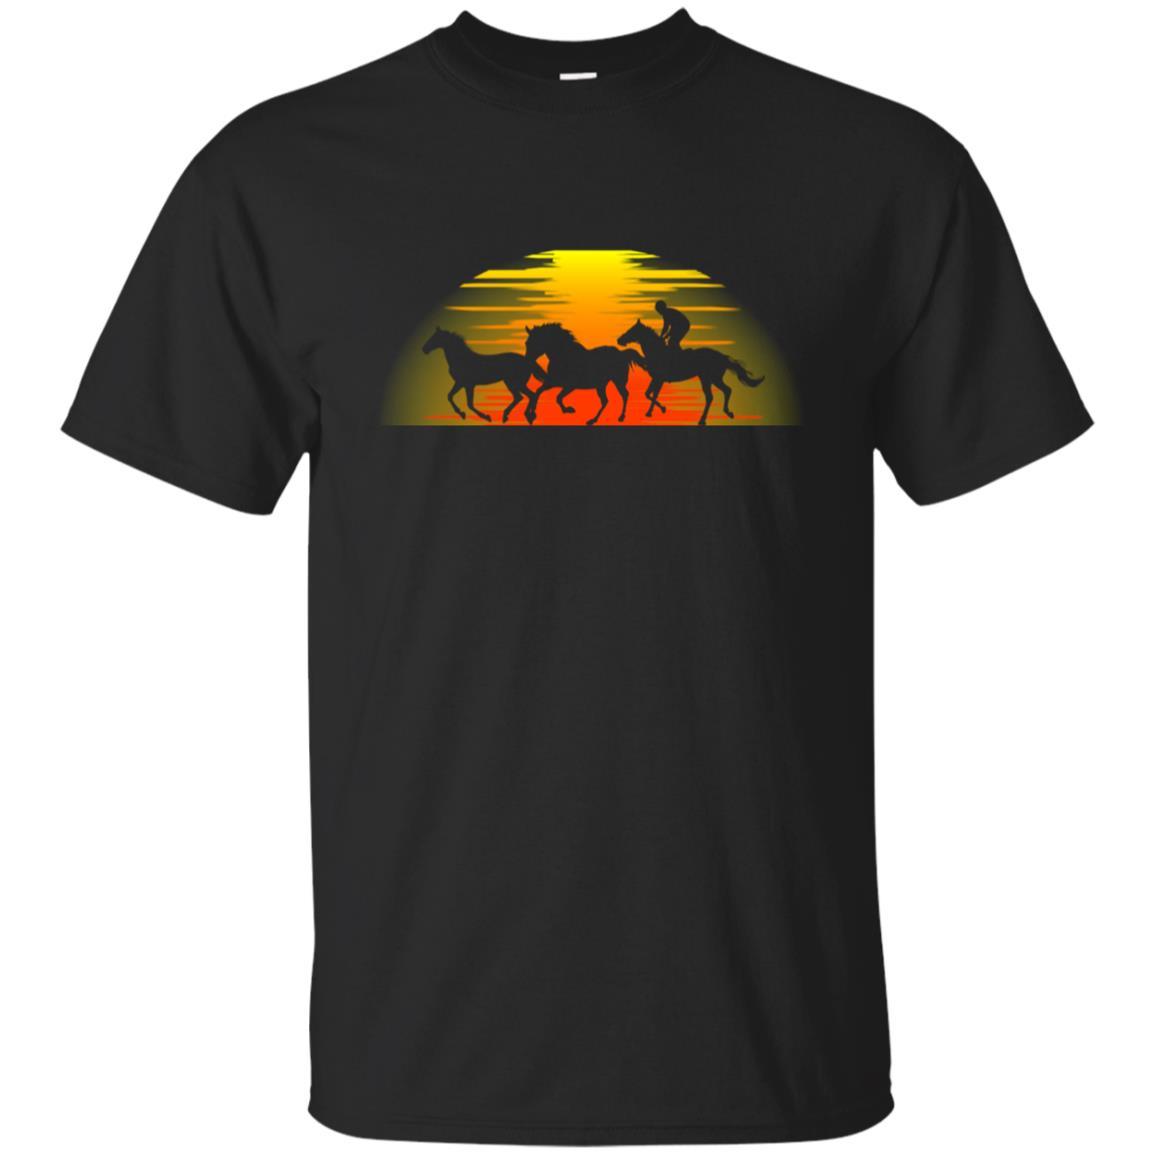 Cowboy Riding Sunset' Funny Horse Gift Unisex Short Sleeve